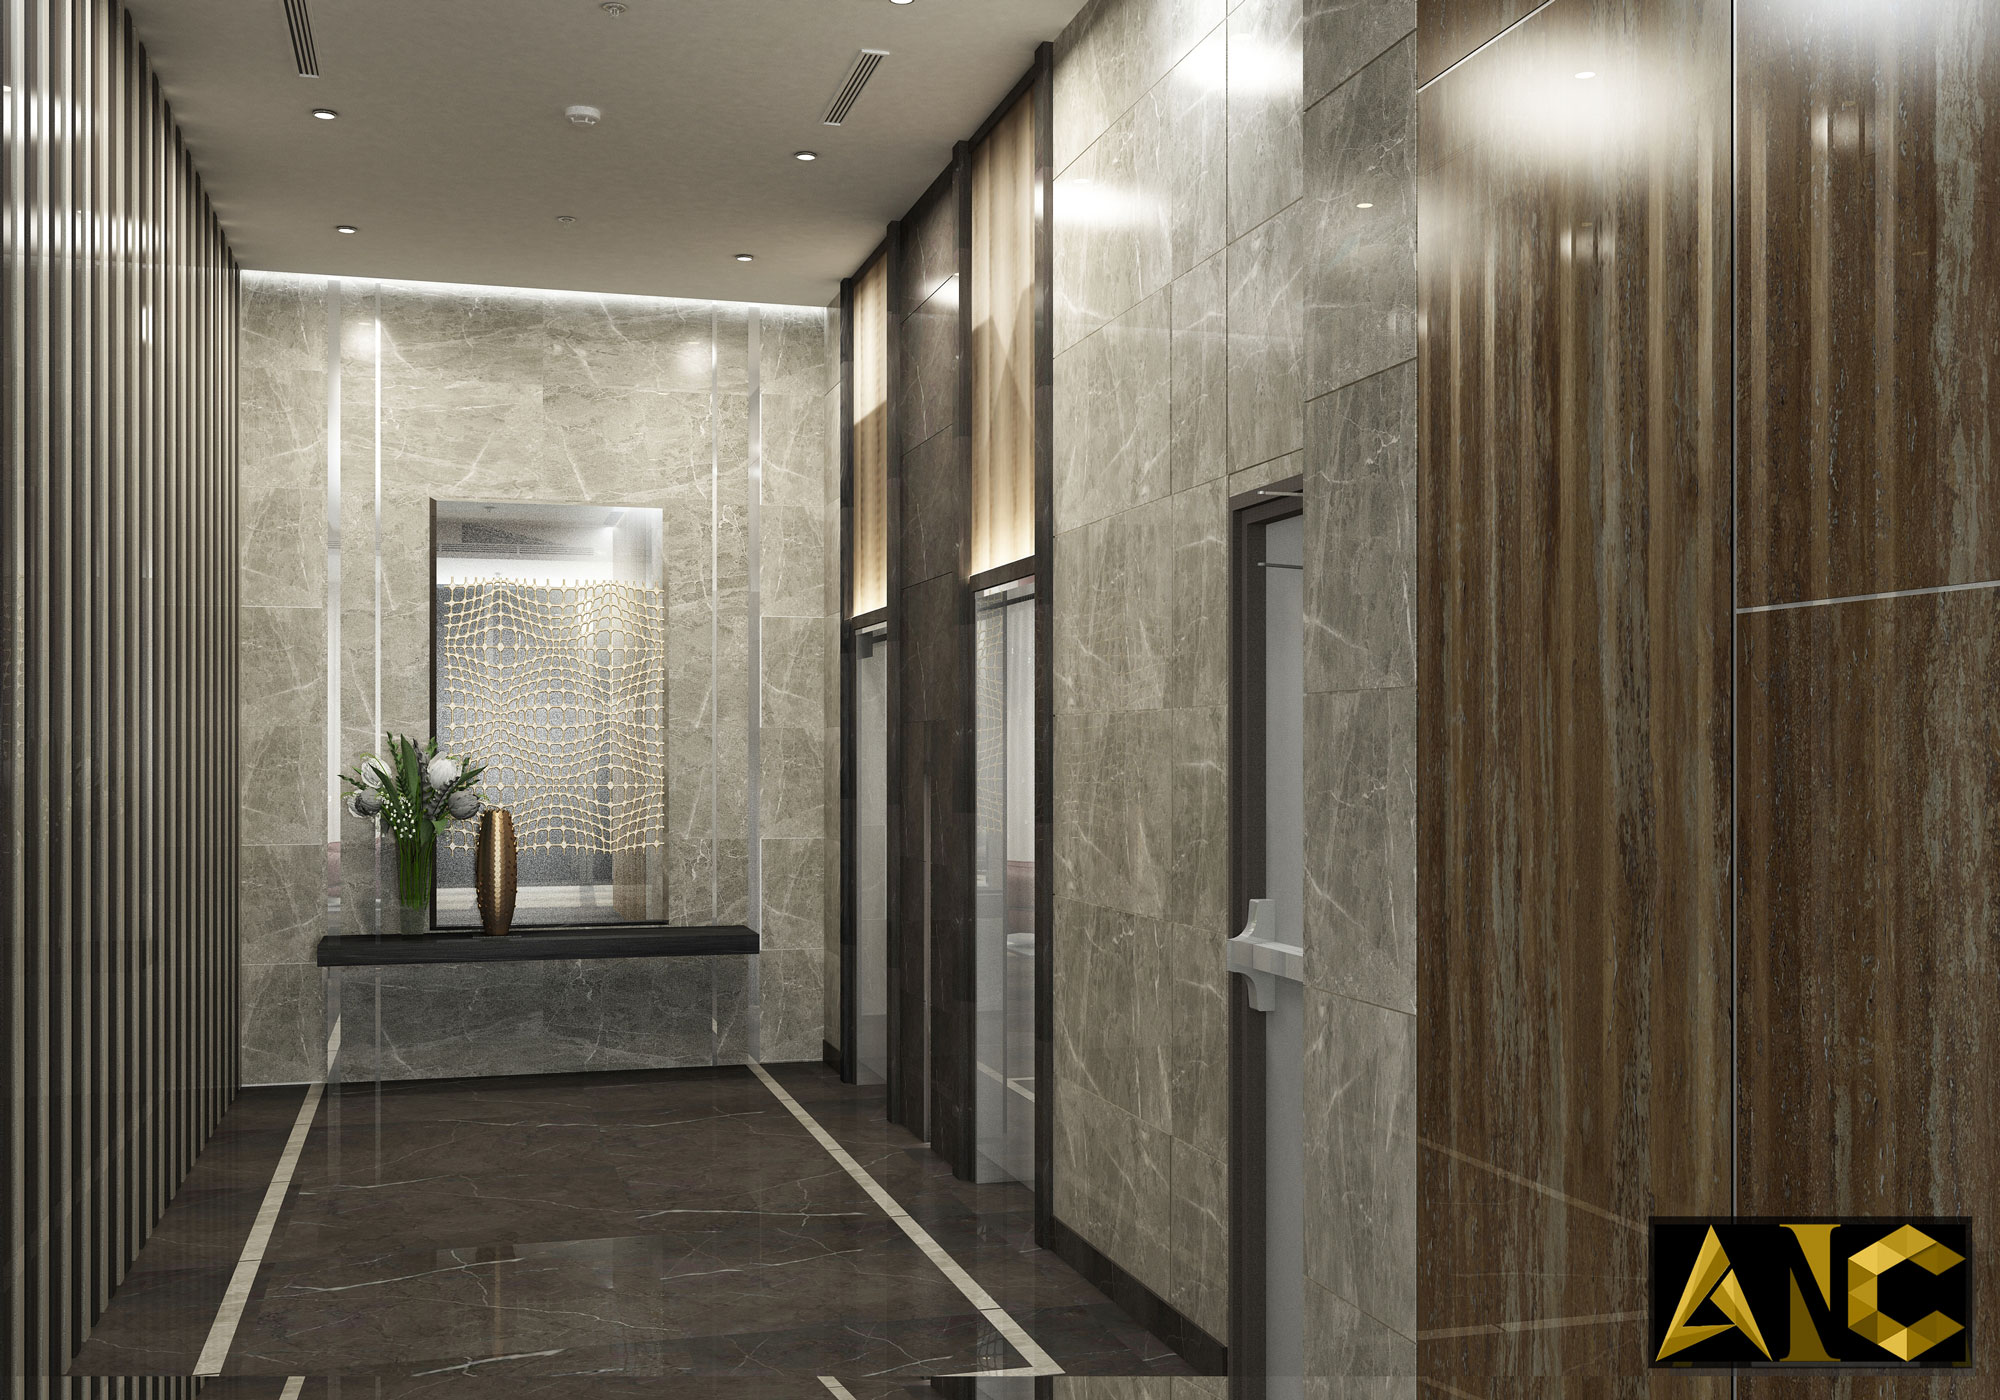 Thiết kế sảnh tòa nhà Ruby Tower Hà Nội - Khu vực thang máy